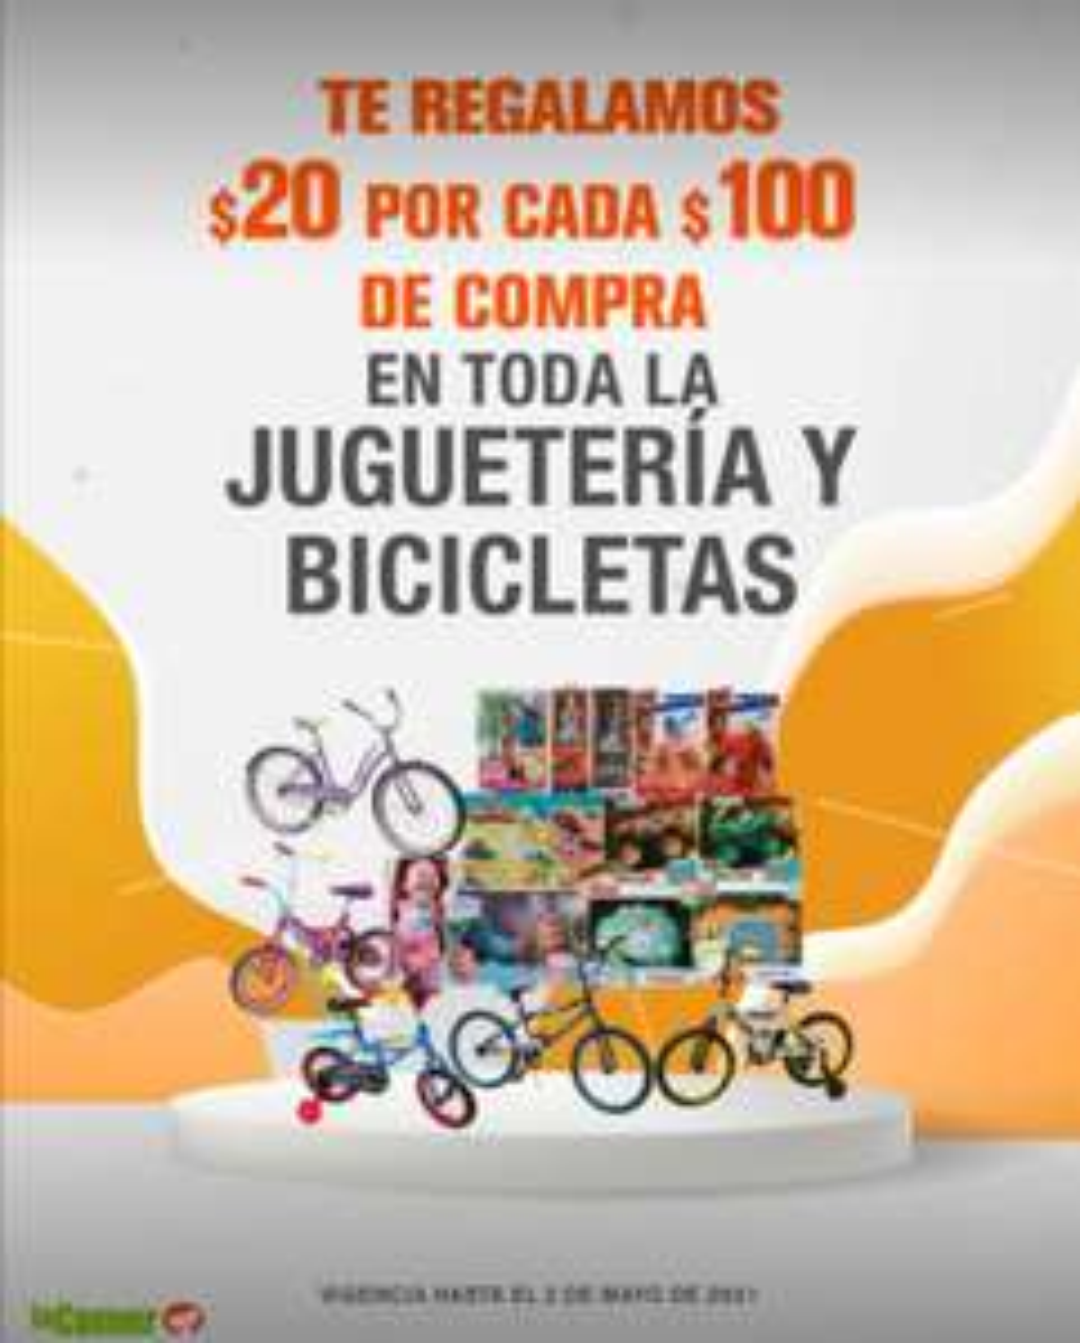 La Comer: $20 de descuento por cada $100 de compra en toda la juguetería y bicicletas